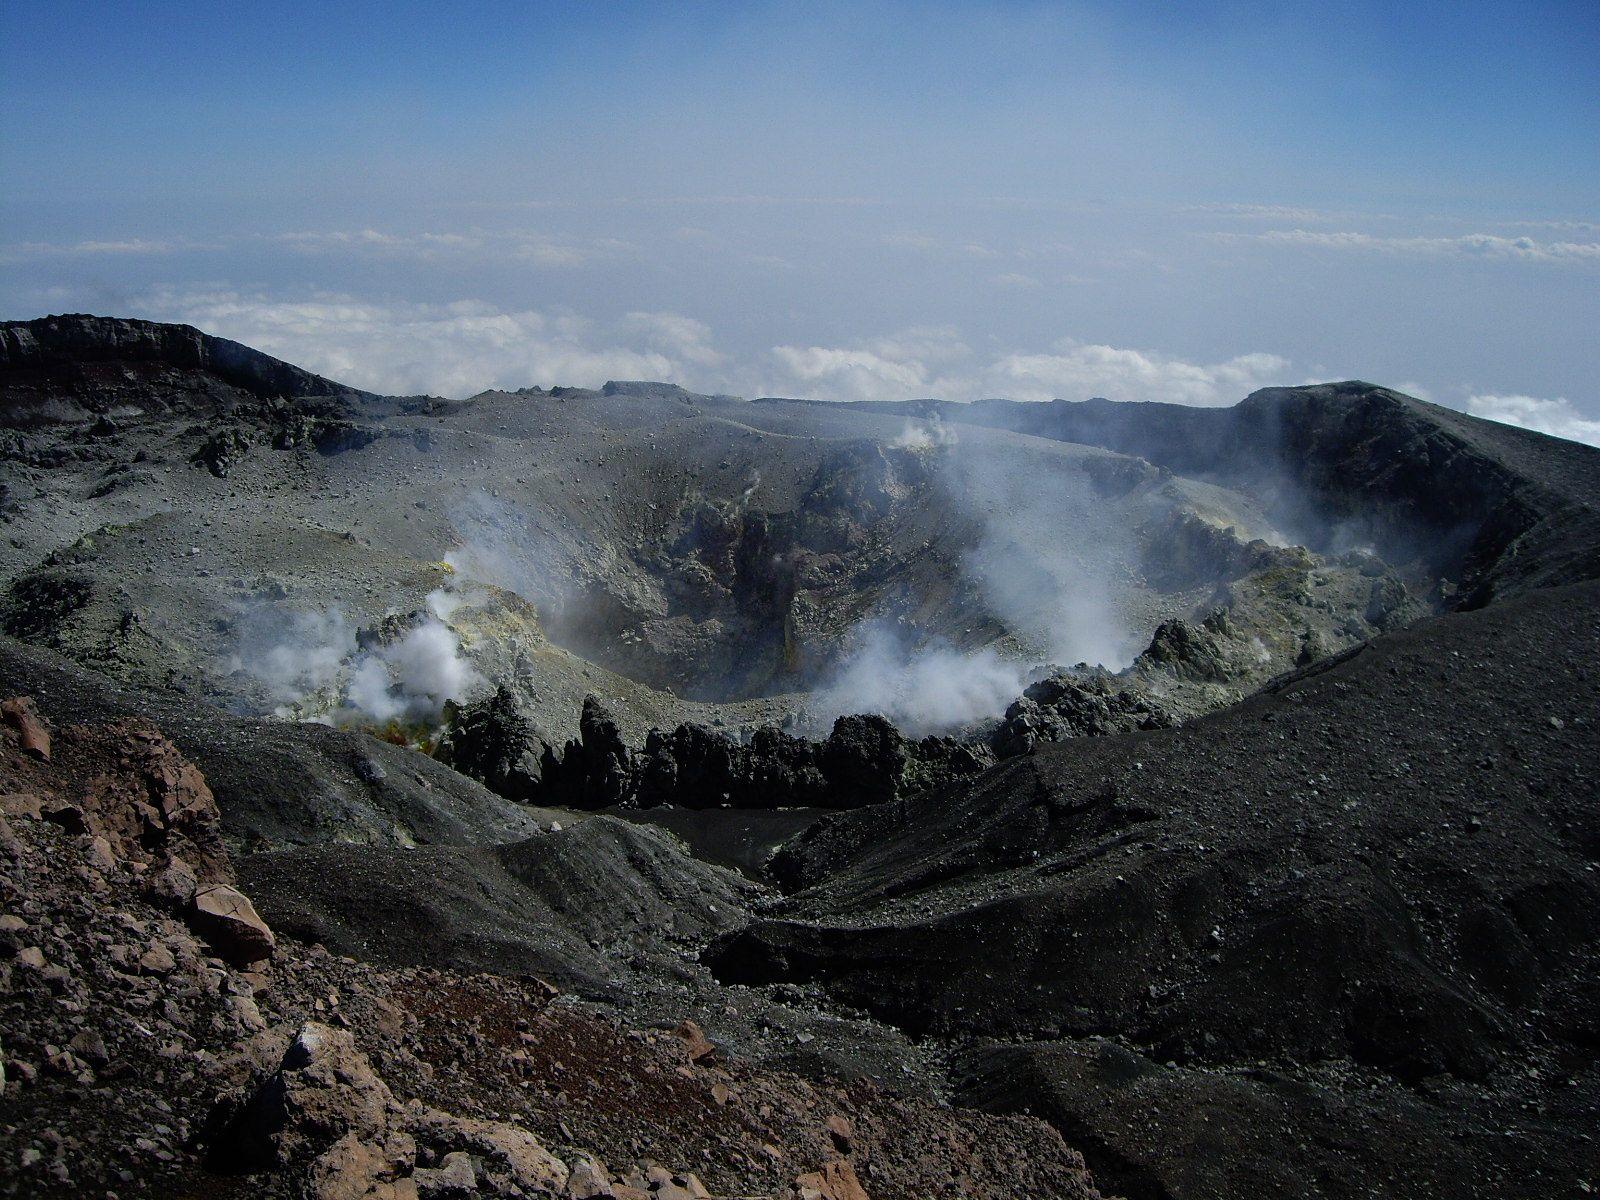 Le cratère du Slamet - photo R.Woodall